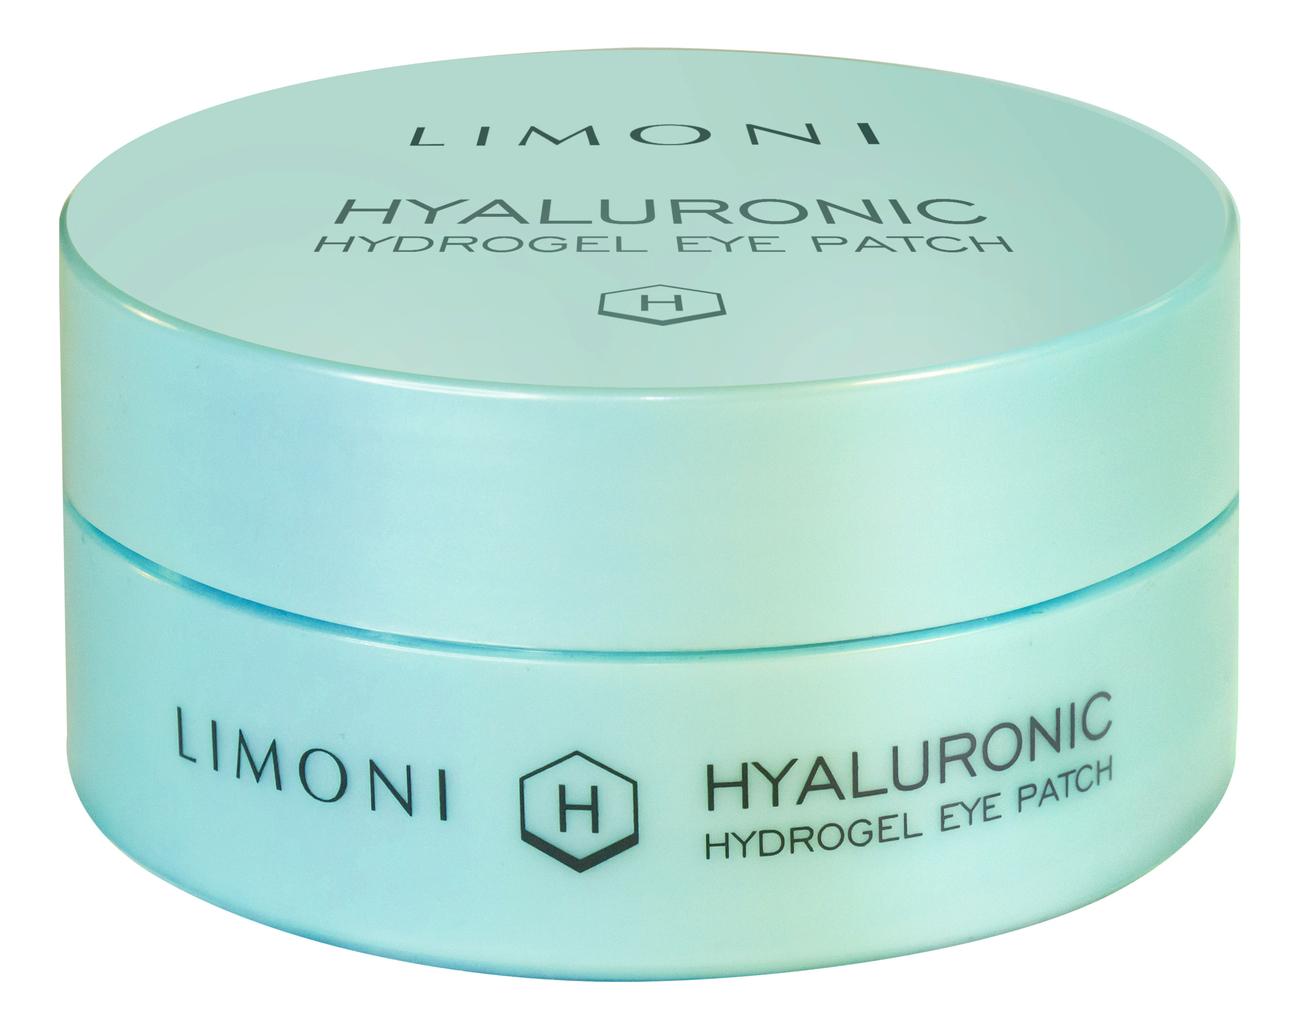 Гидрогелевые патчи для кожи вокруг глаз с гиалуроновой кислотой Hyaluronic Hydrogel Eye Patch 60шт недорого